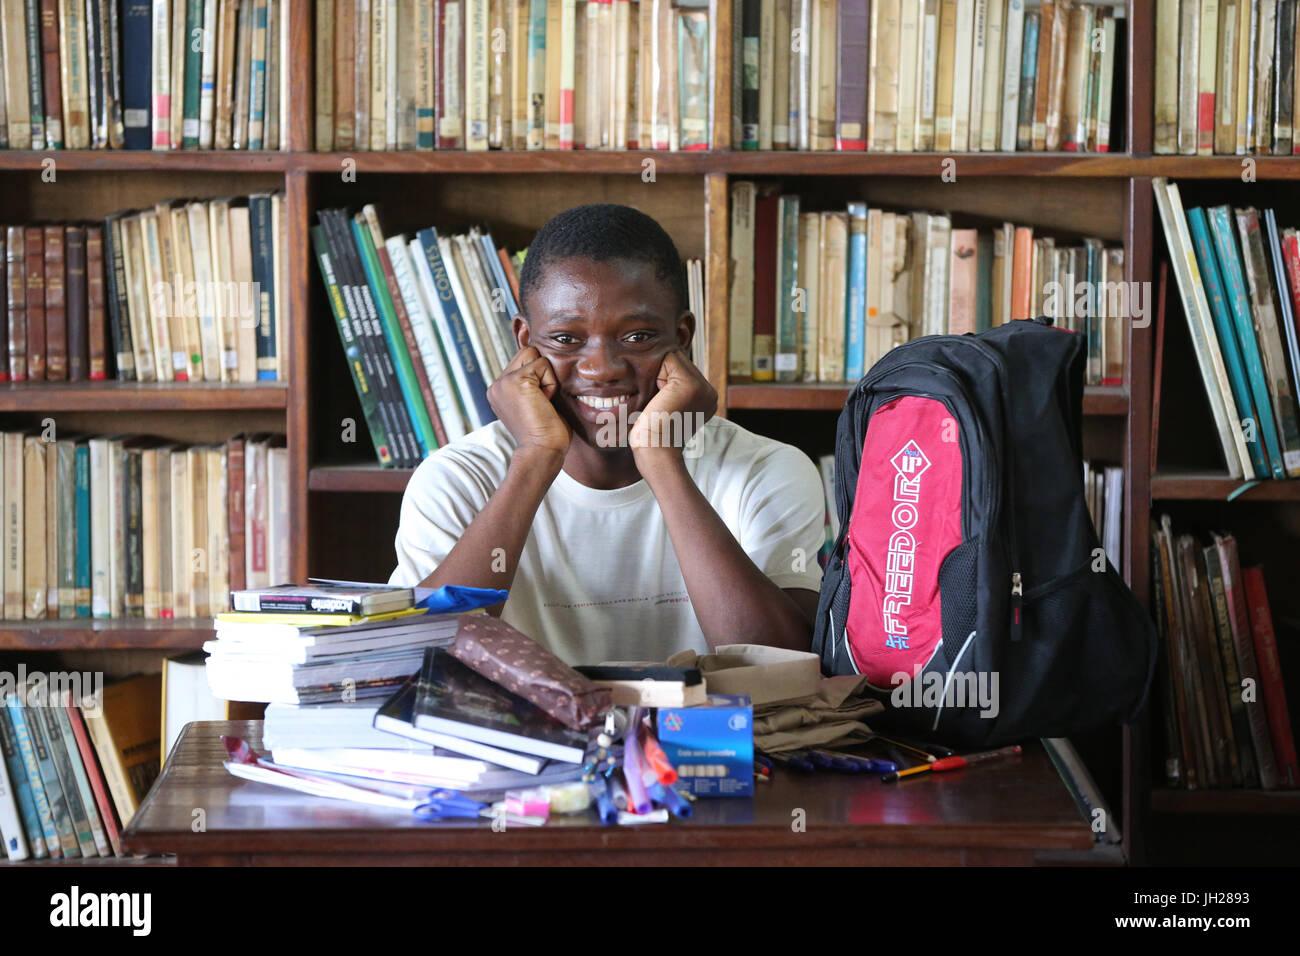 Scuola africana. Ragazzo sponsorizzato da ong francese : la Chaine de l'Espoir. Lomé. Il Togo. Foto Stock